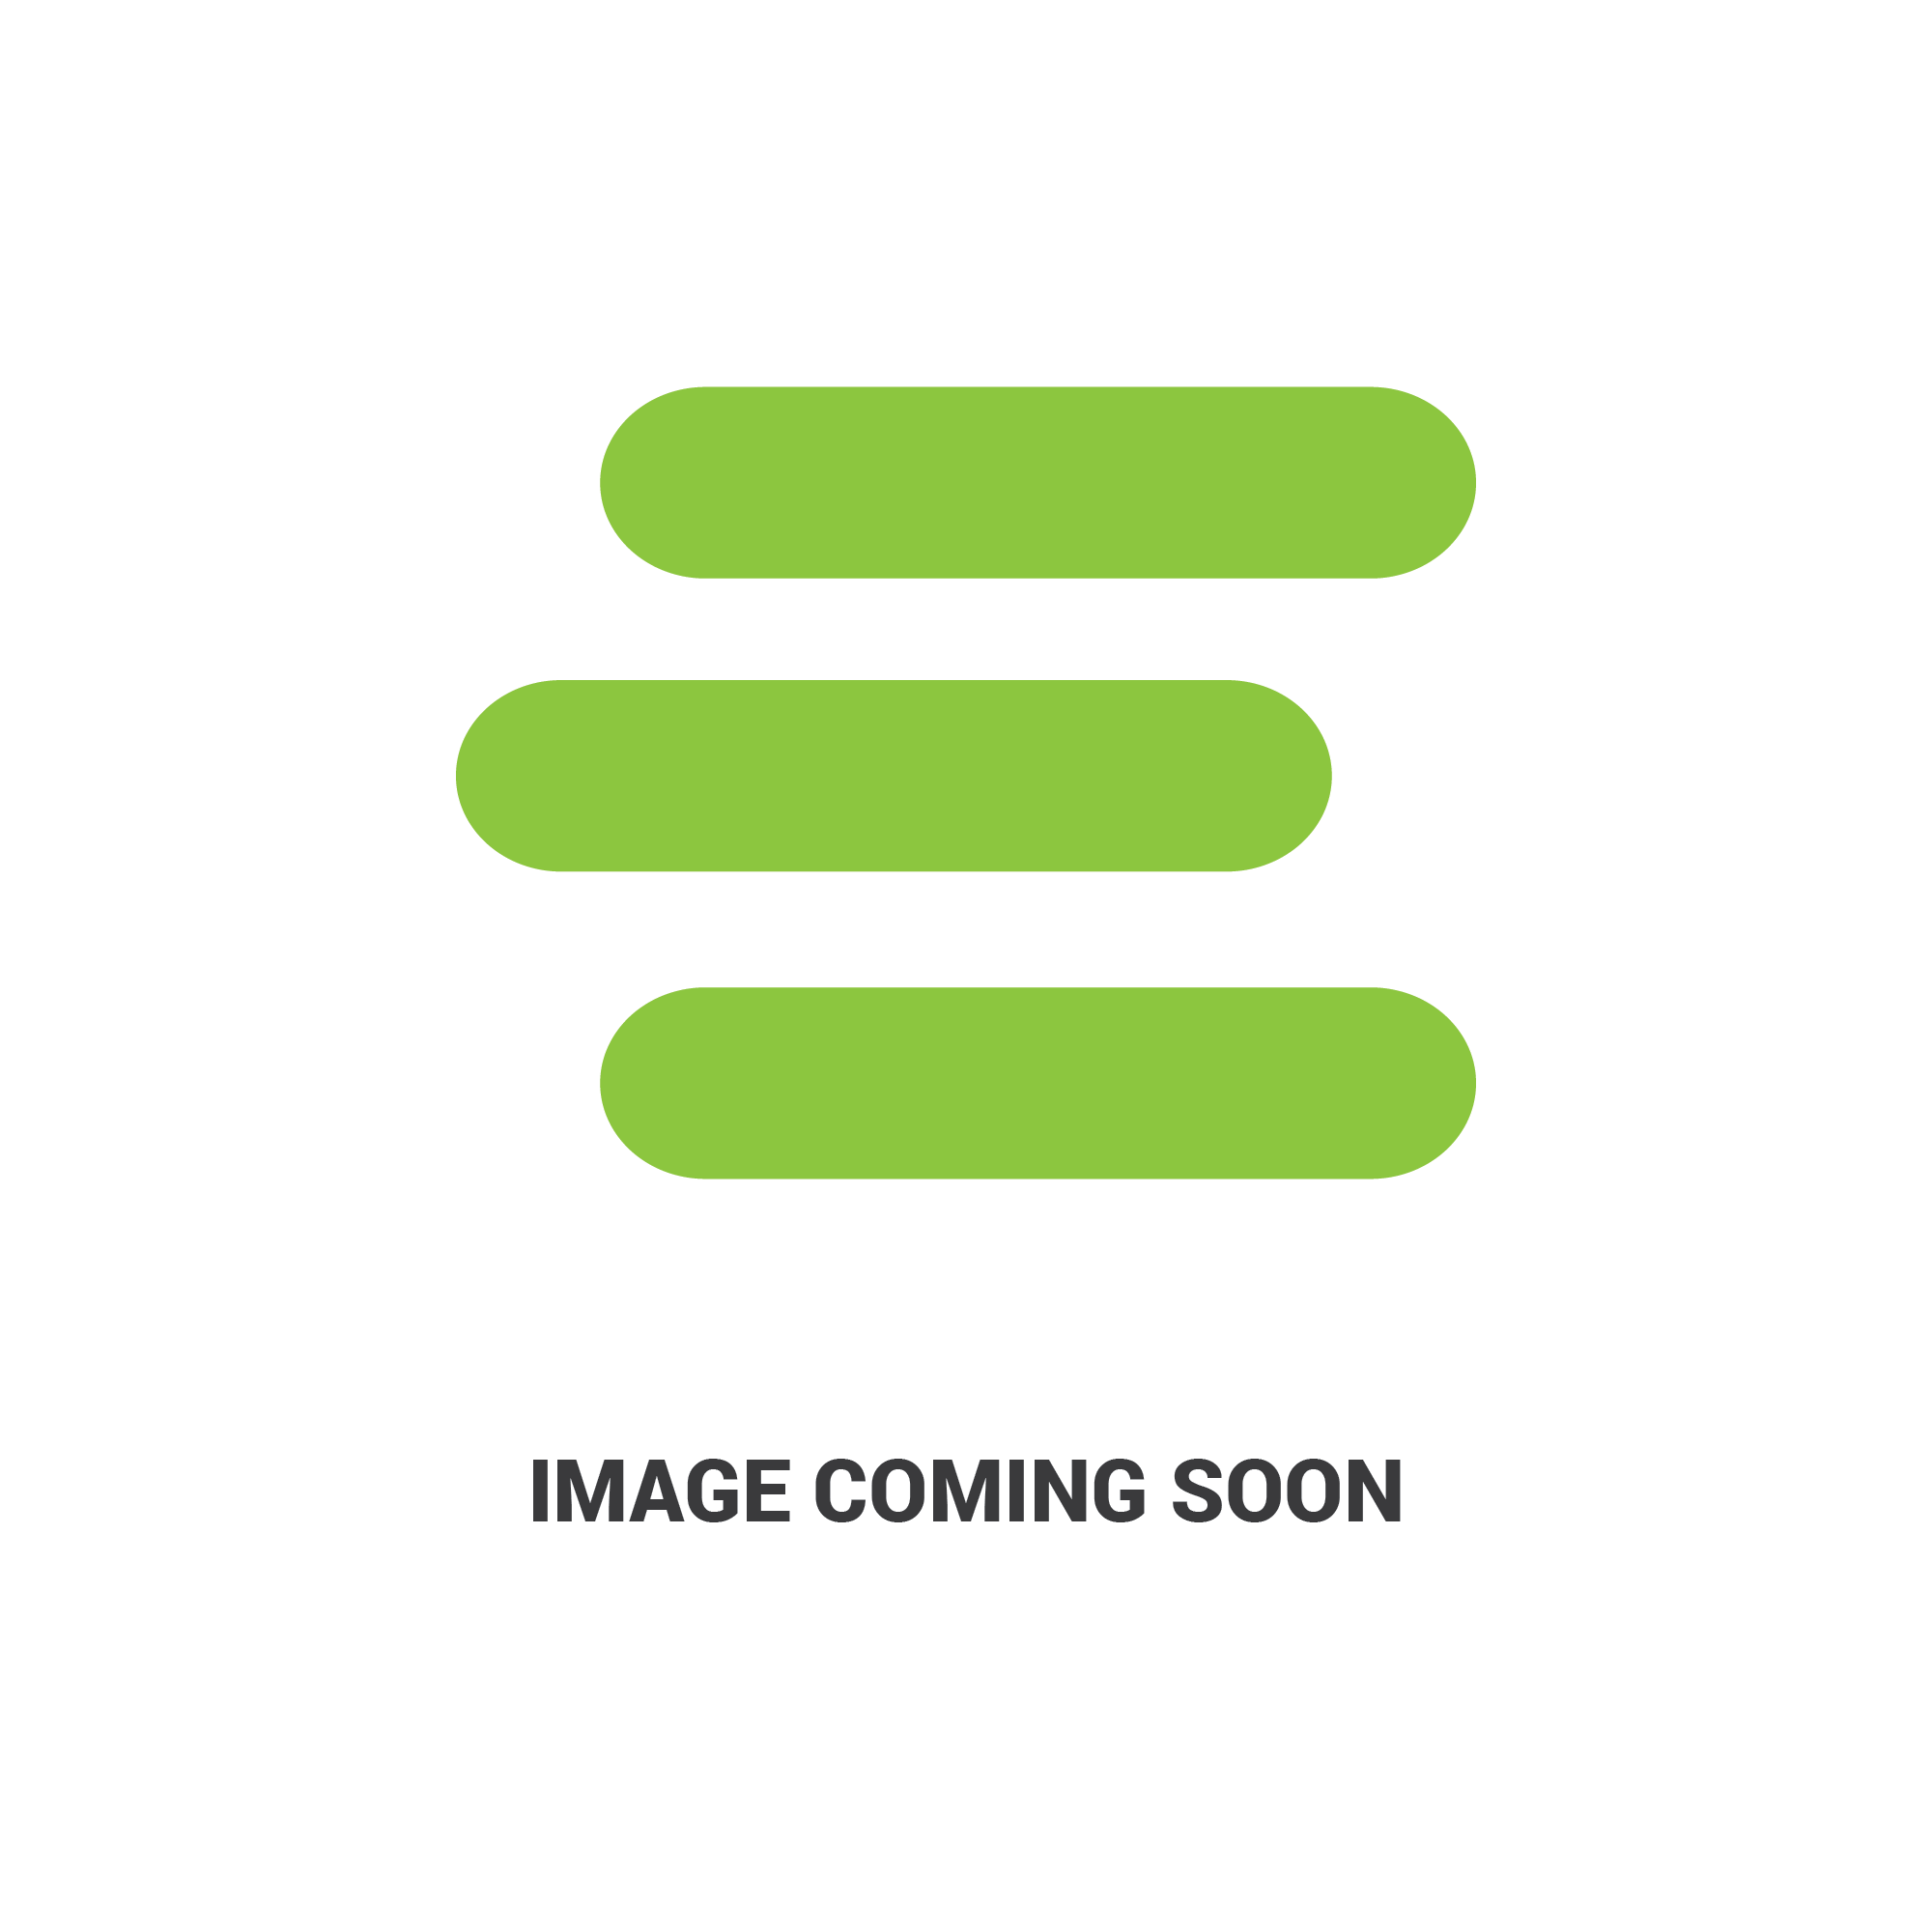 E-R265080edit 1208.jpg